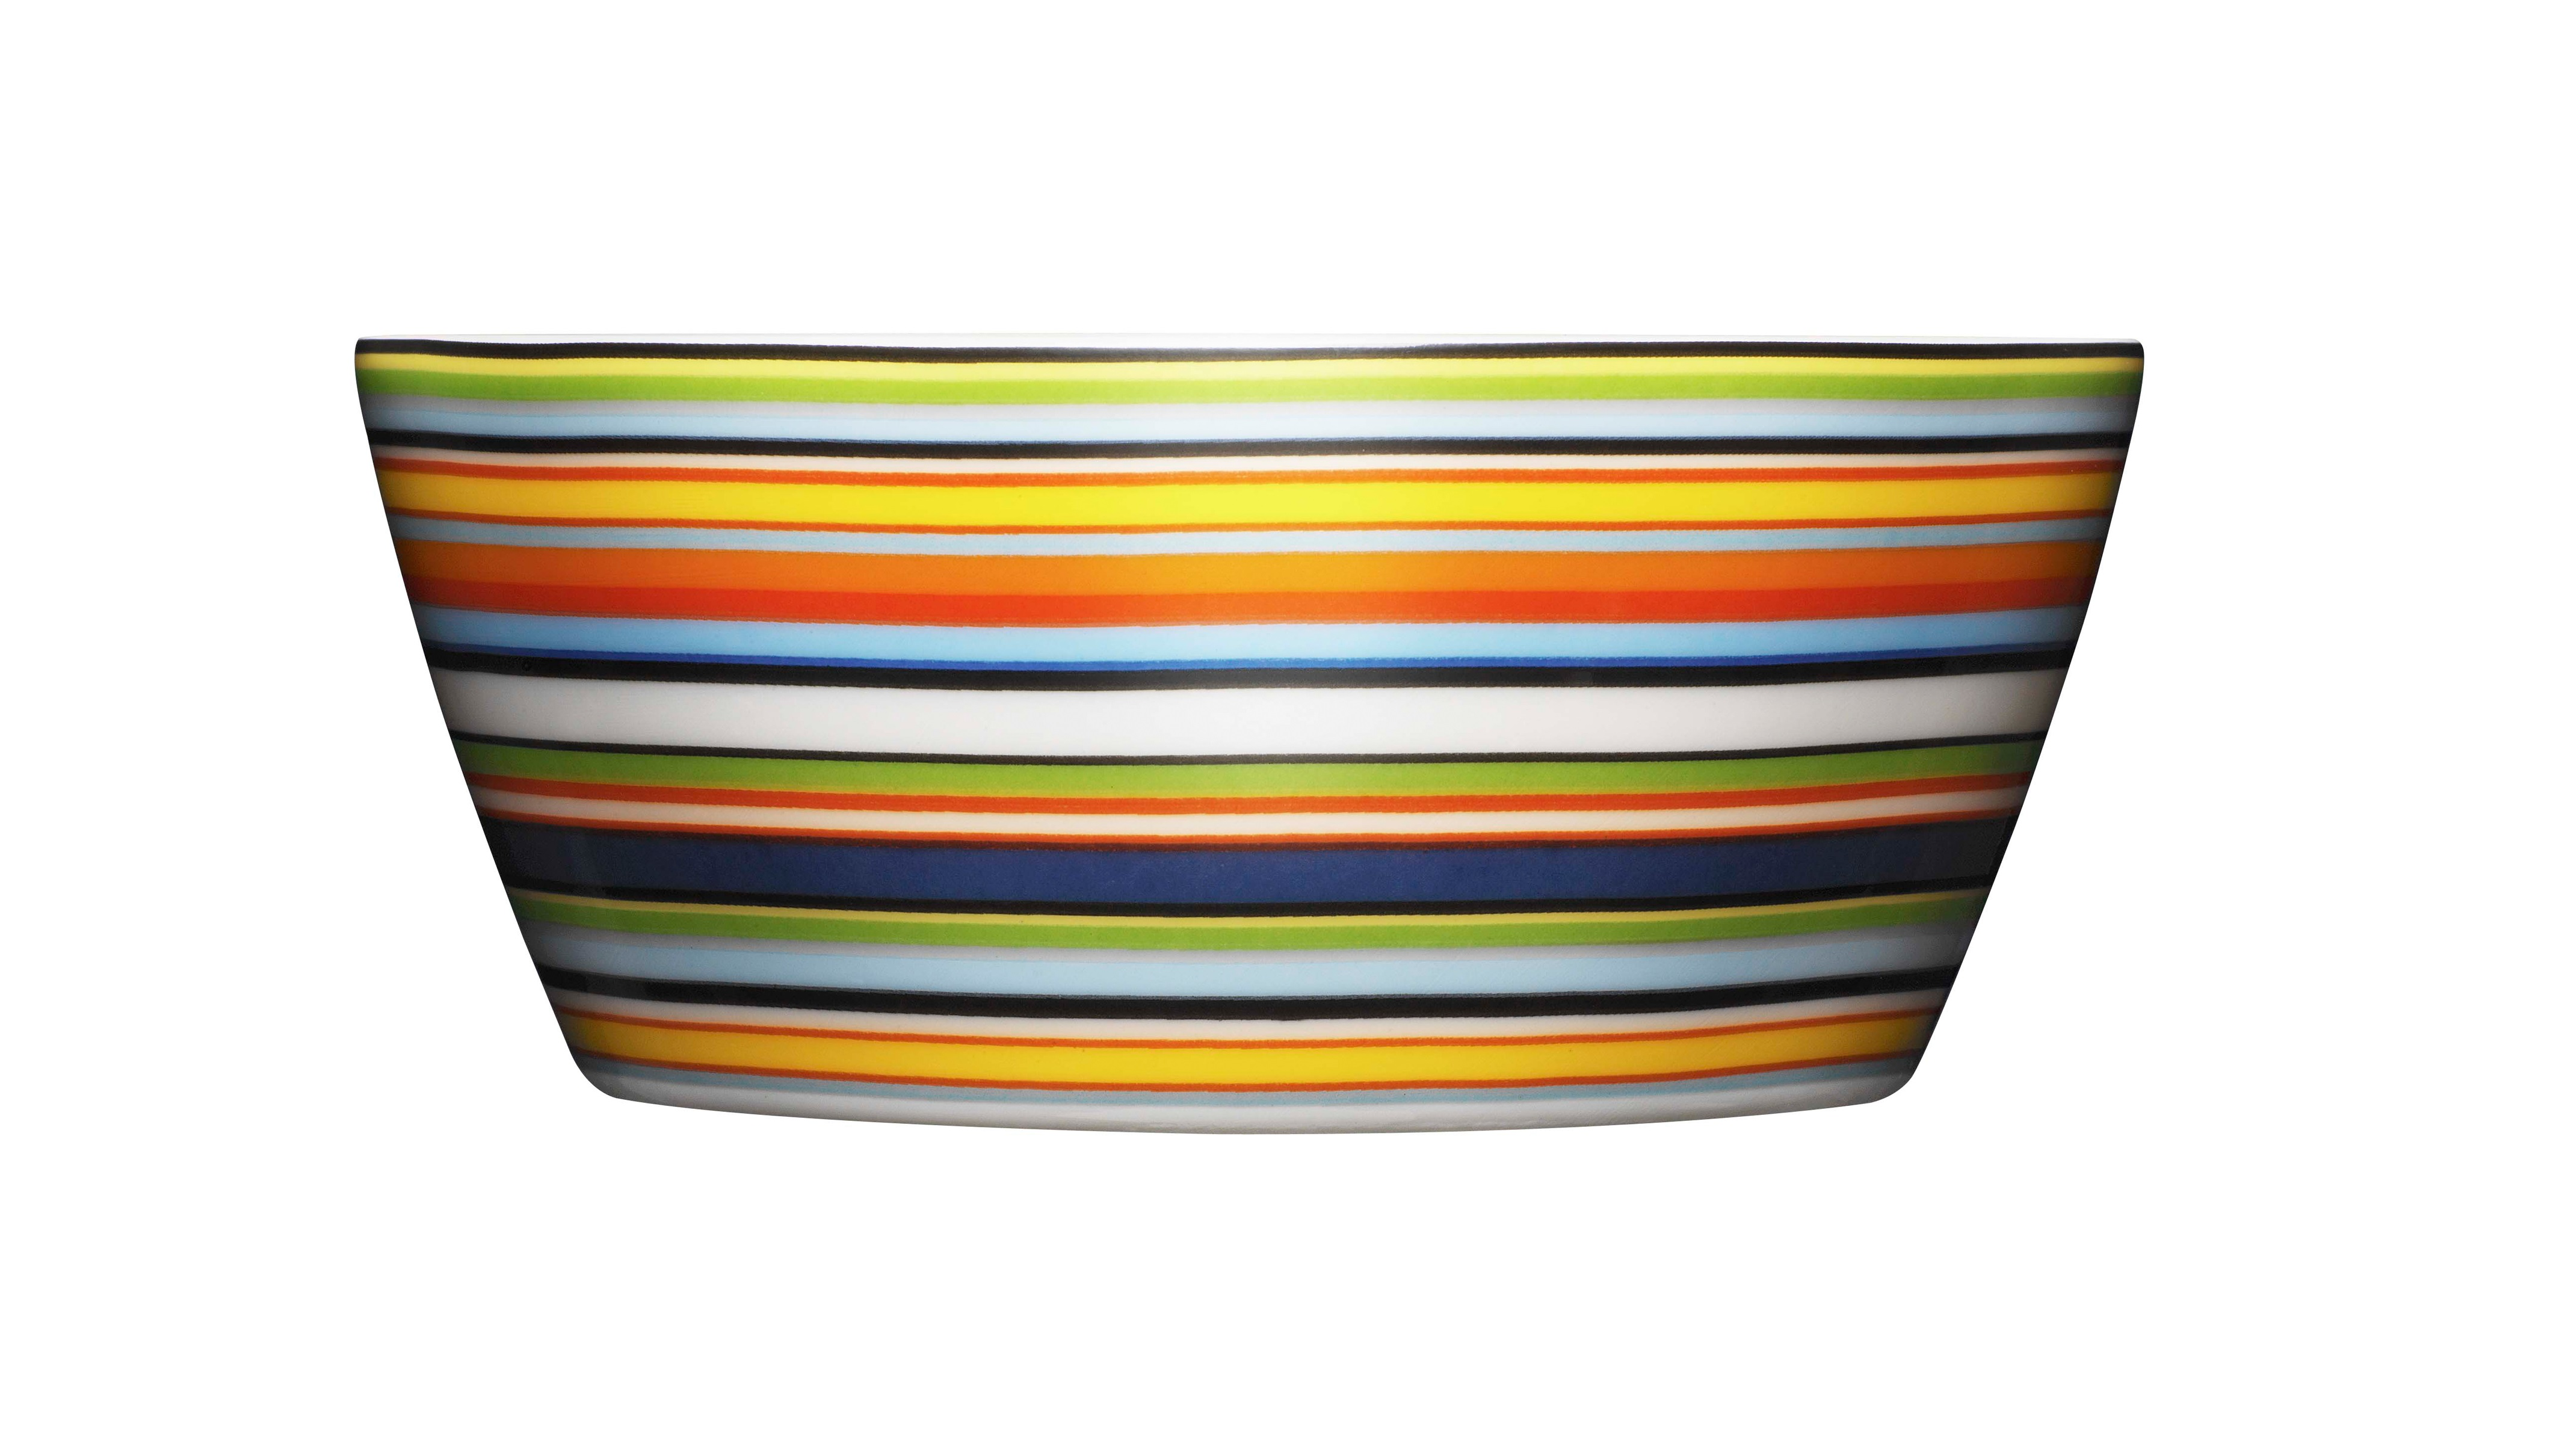 Десертная чаша OrigoМиски и чаши<br>Смелый полосатый рисунок посуды серии Origo будет свежо смотреться на любой кухне. Посуда прекрасно сочетается с посудой других серий Iittala и подходит для приёма любой пищи. Впервые серия вышла 1999 году и с того момента стала невероятно популярной во всем мире.<br><br>Material: Фарфор<br>Length см: None<br>Width см: None<br>Depth см: None<br>Height см: 5<br>Diameter см: 12